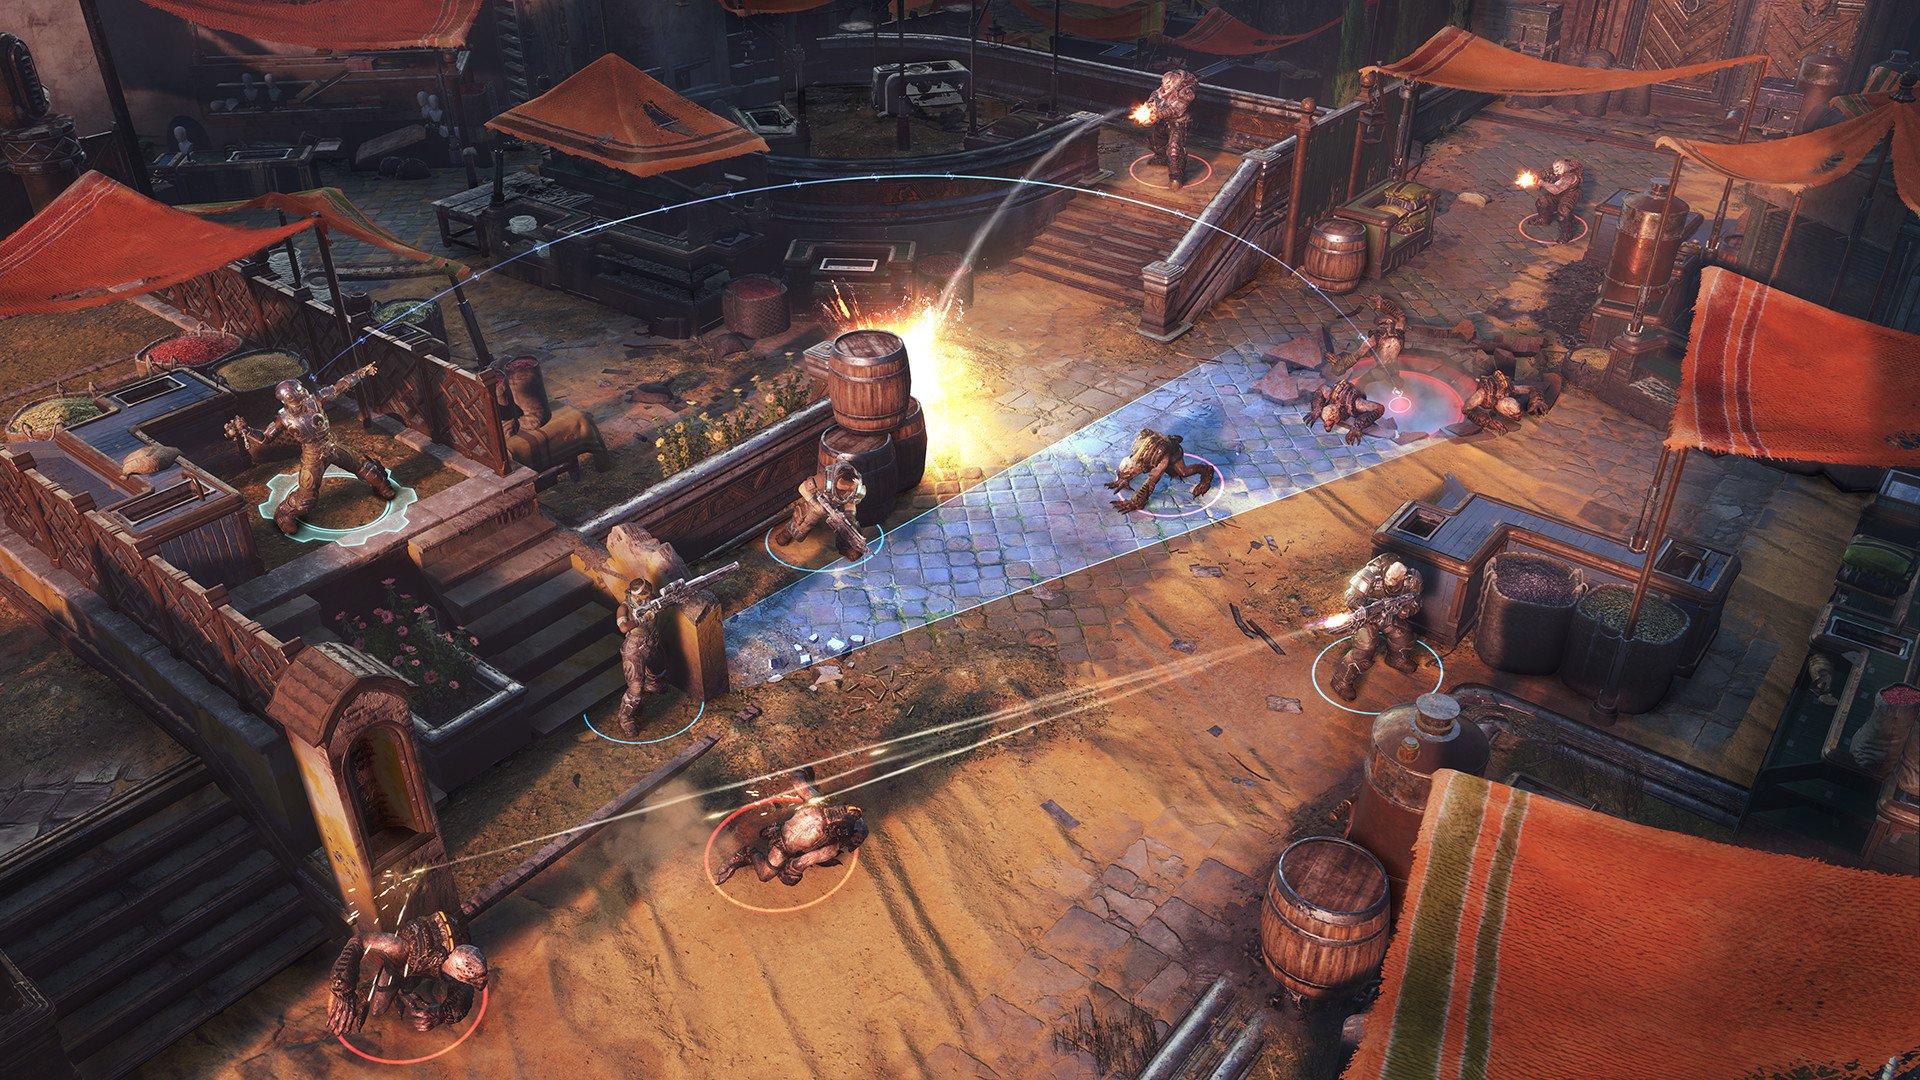 Скриншот к игре Gears Tactics [v1.0] (2020) скачать торрент скачать торрент RePack от R.G. Механики